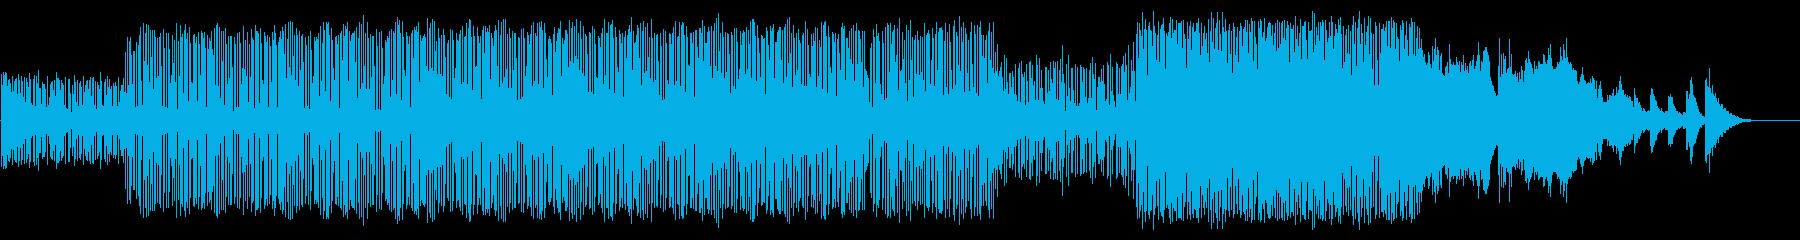 青白い月明かりの山道をドライブするジャズの再生済みの波形